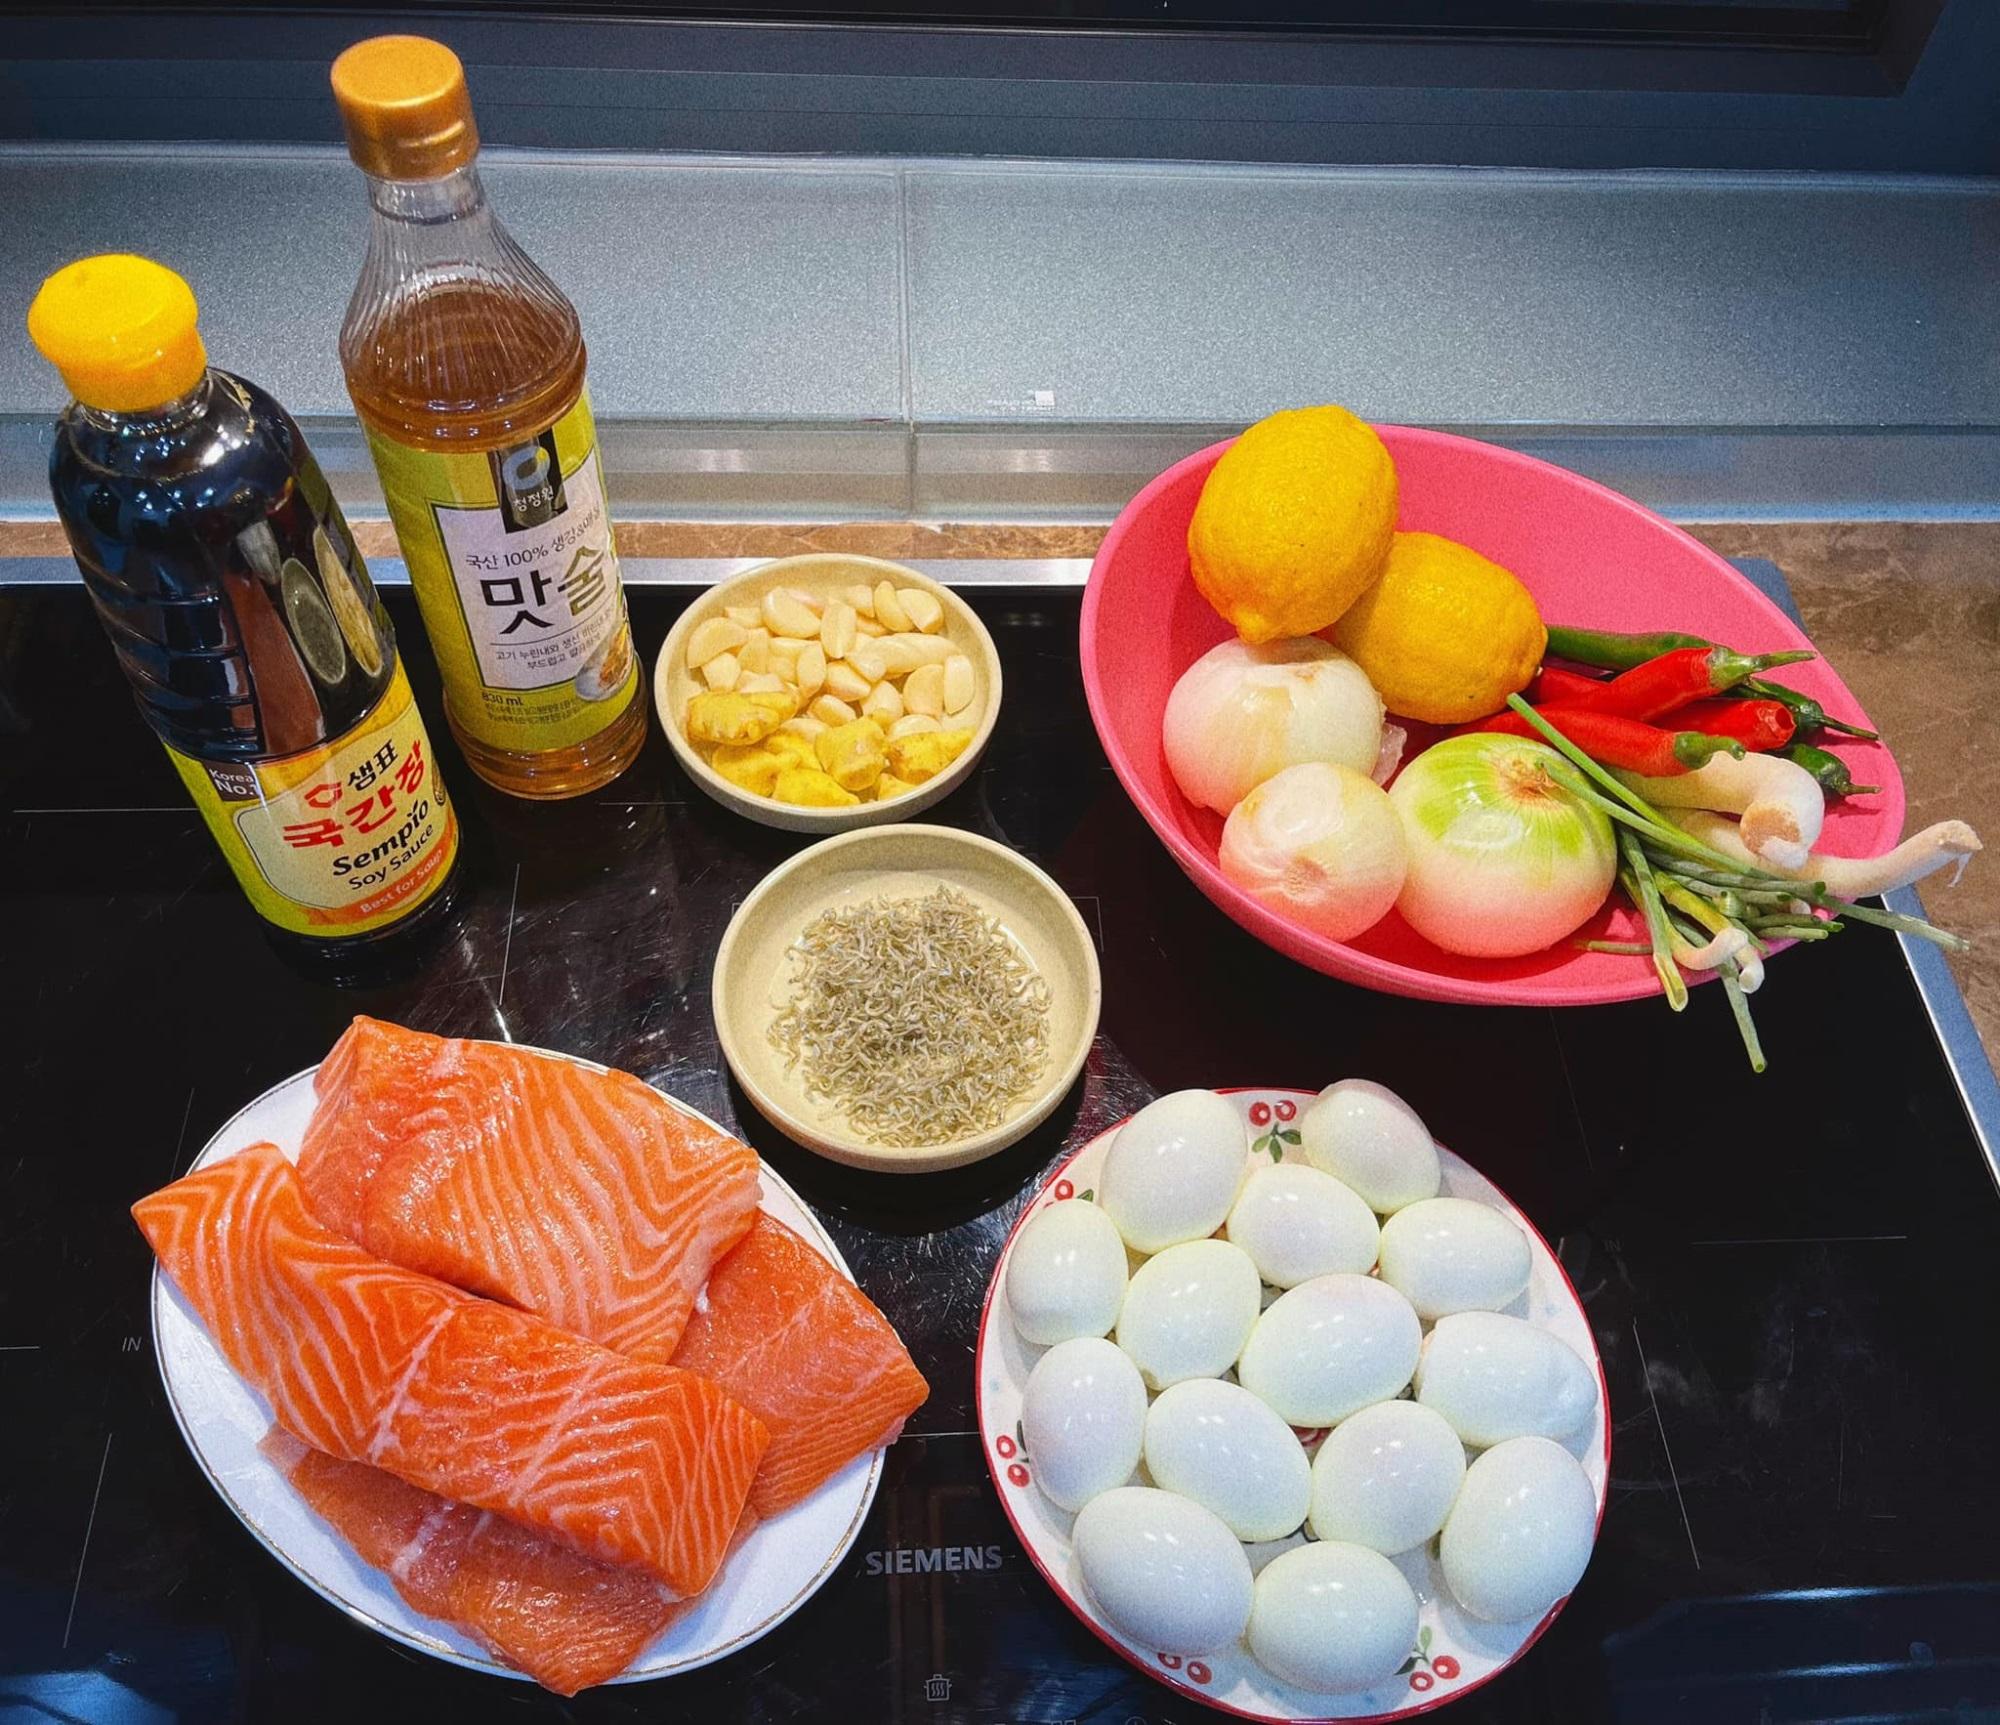 Cách làm cá hồi ngâm tương đậm vị, đưa cơm - ăn một miếng 'tay chân quắn quéo' vì quá ngon - Ảnh 1